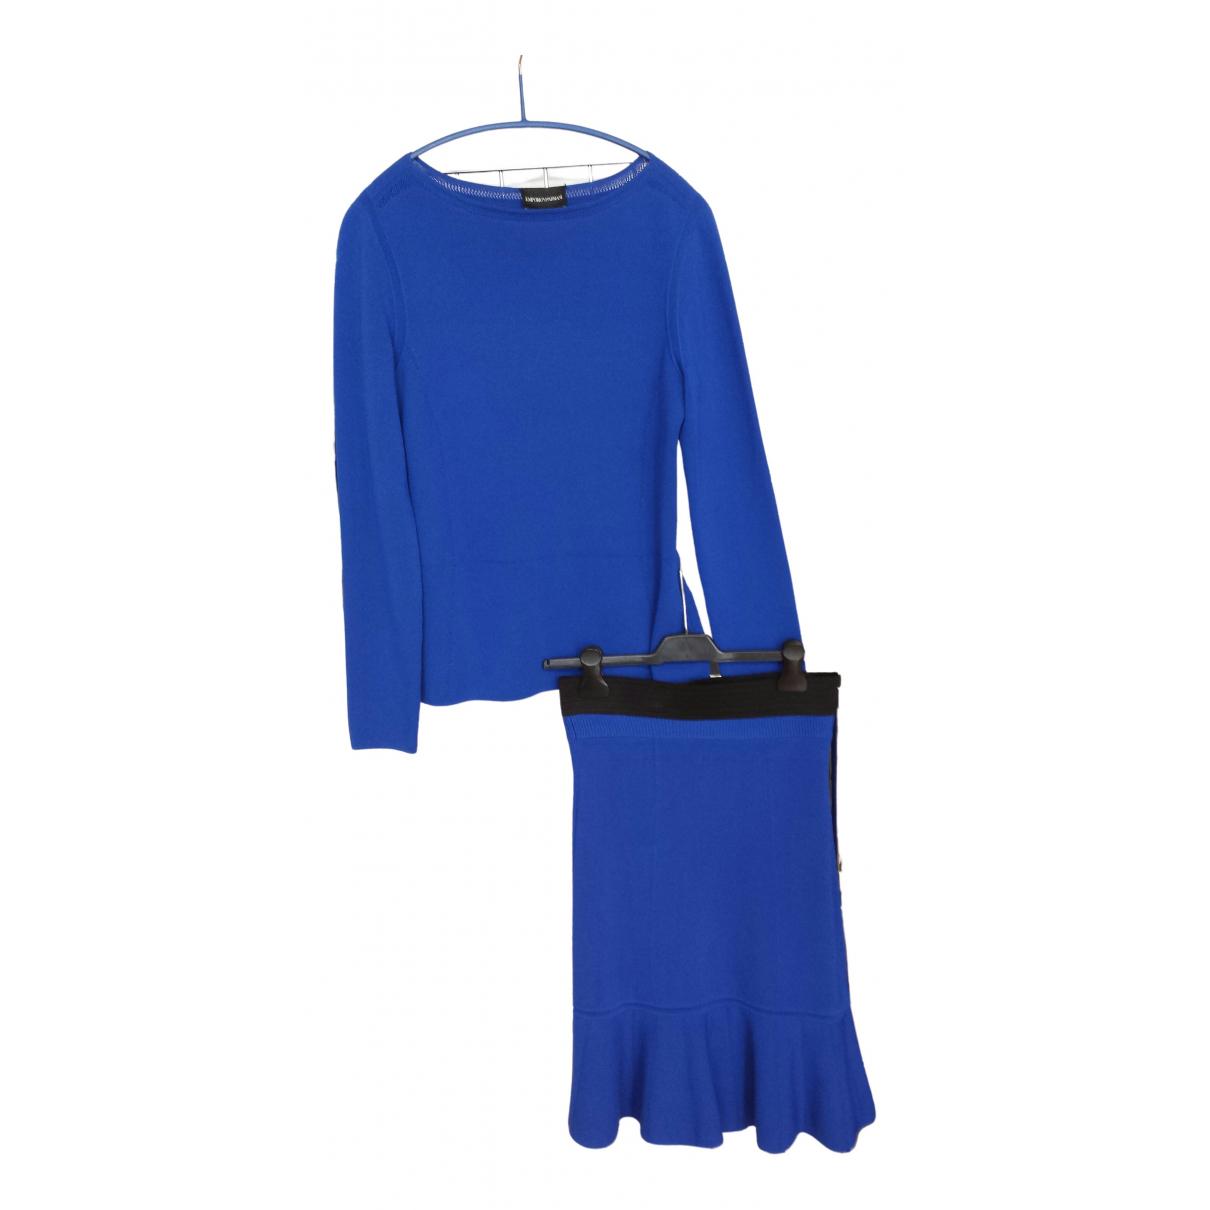 Emporio Armani \N Kleid in  Blau Viskose